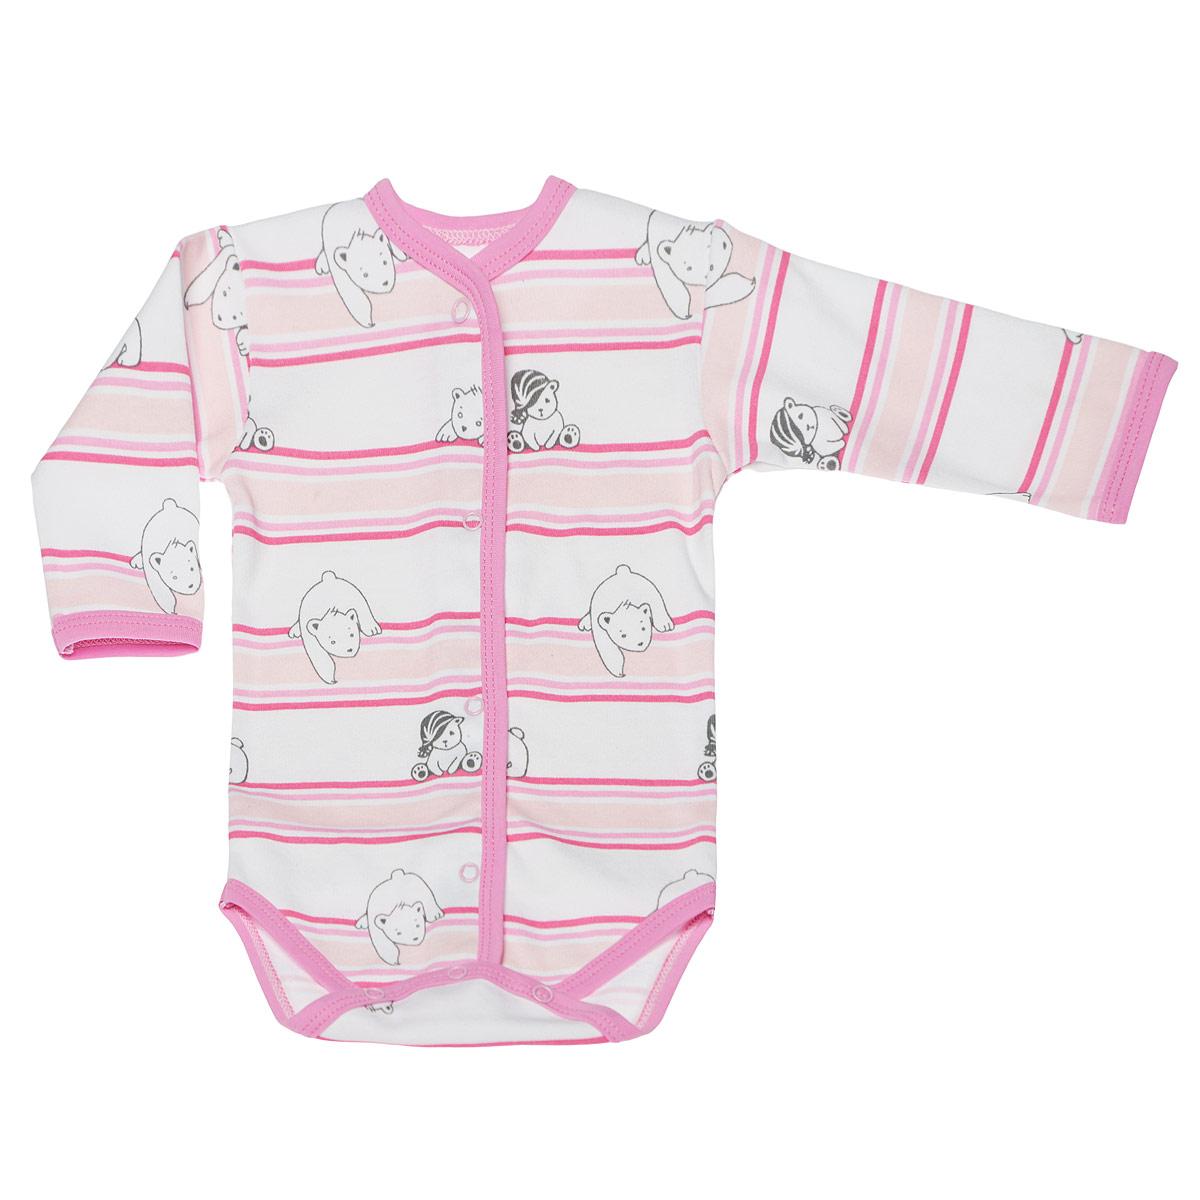 Боди детское Трон-плюс, цвет: белый, розовый. 5878_мишка, полоска. Размер 80, 12 месяцев